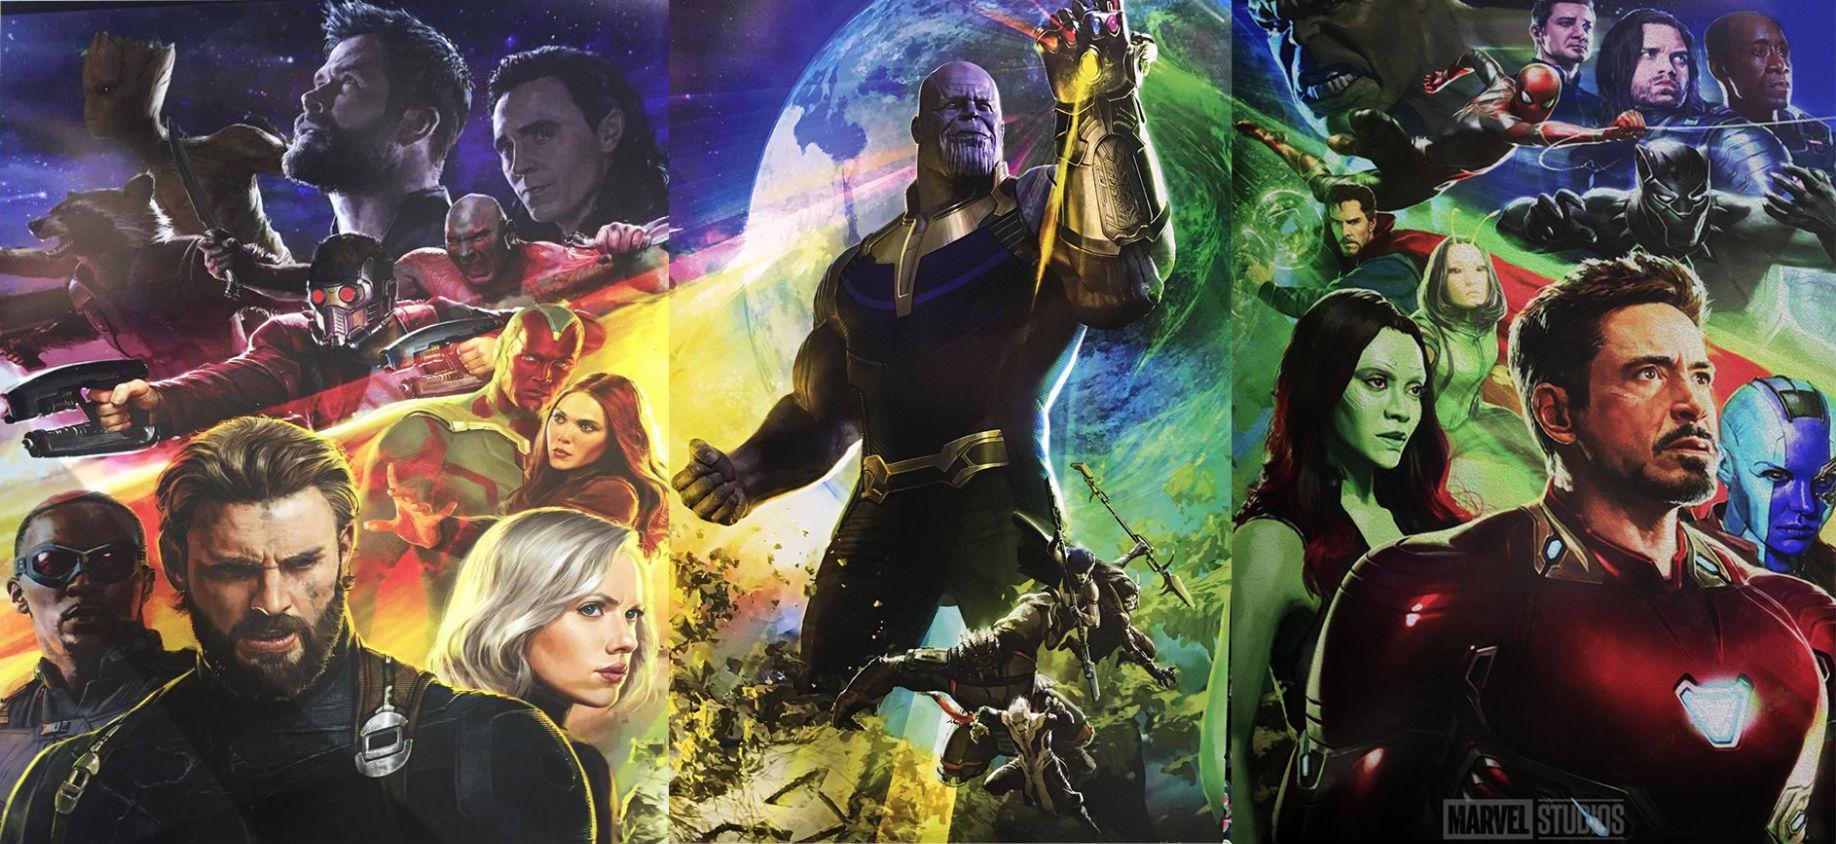 artwork avengers infinity war disney marvel affiche poster